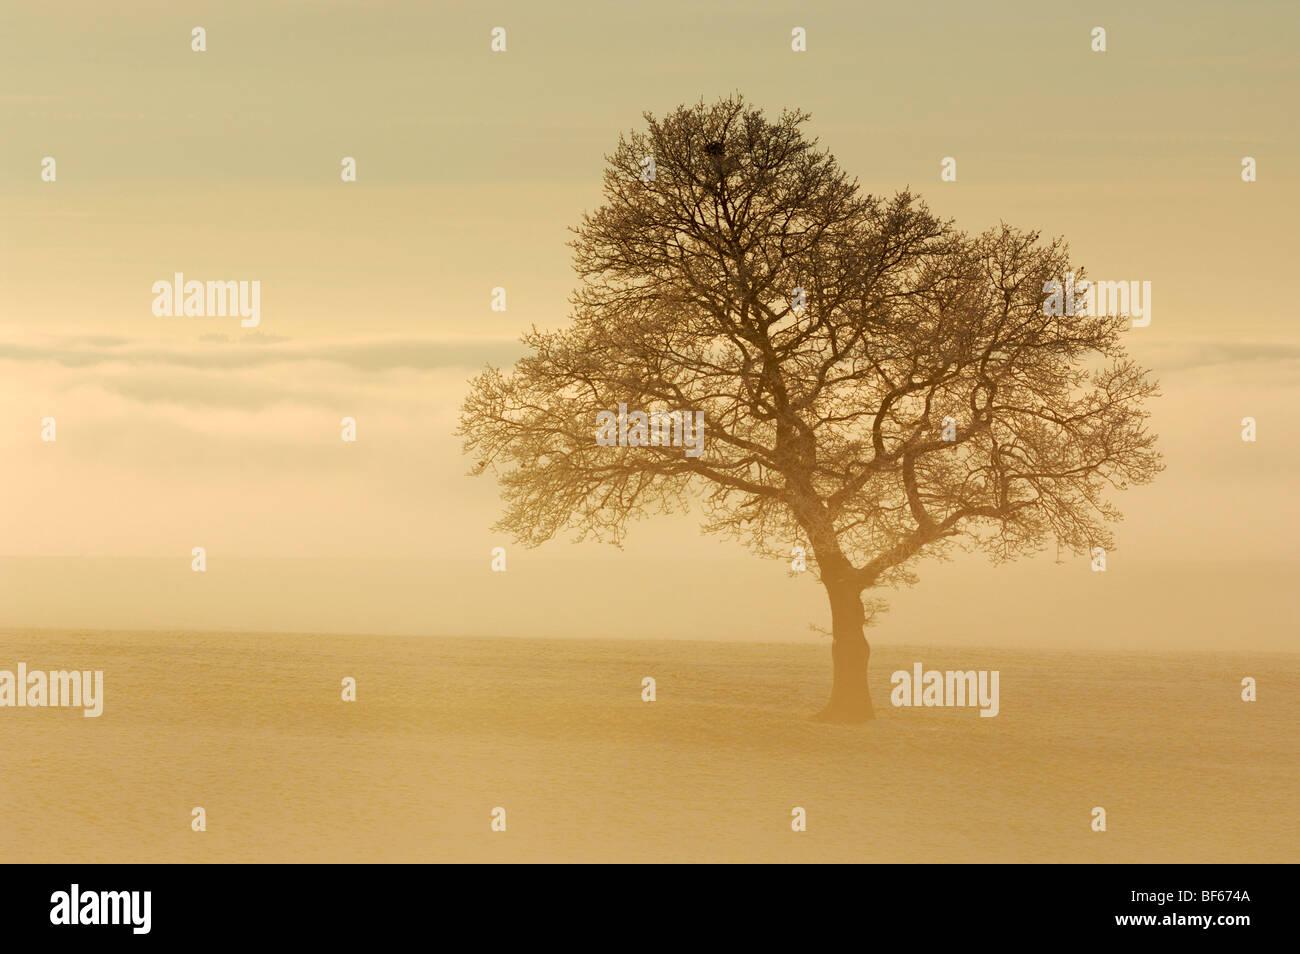 English Oak (Quercus robur) in fog, Switzerland, Europe - Stock Image